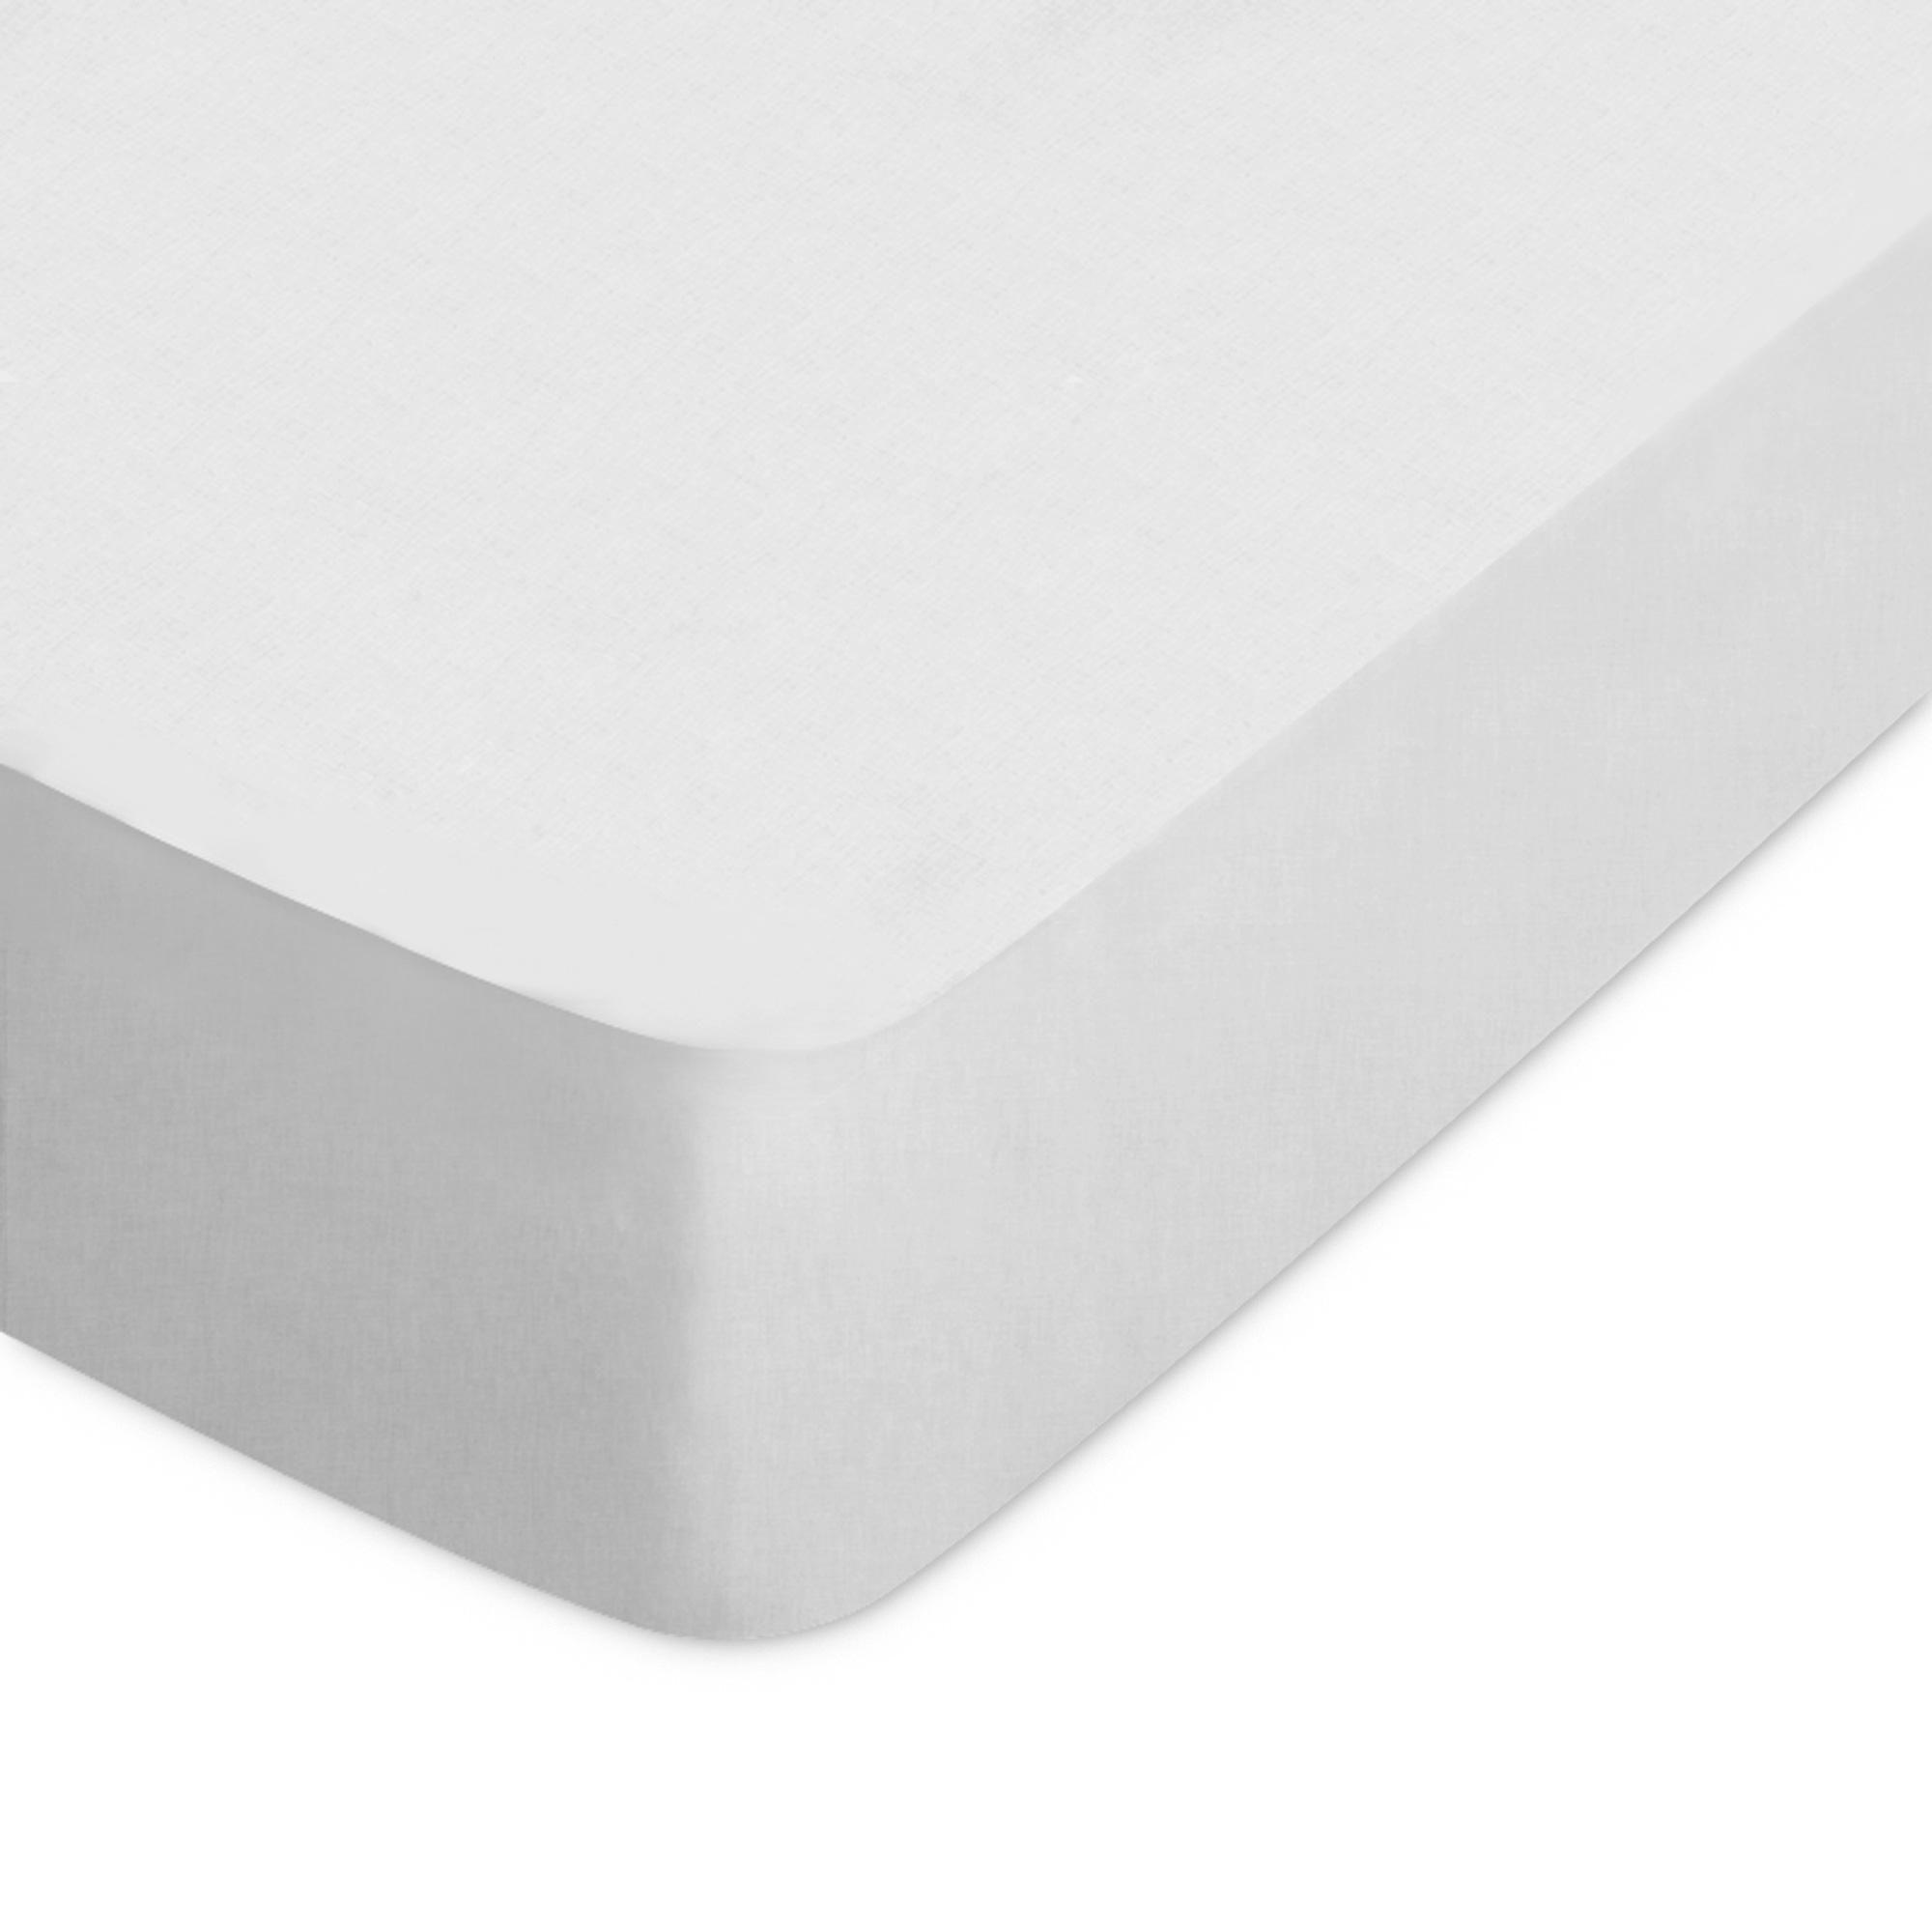 drap housse coton 100x200 Drap Housse Coton 100x200 gris clair   Achat / Vente drap housse  drap housse coton 100x200